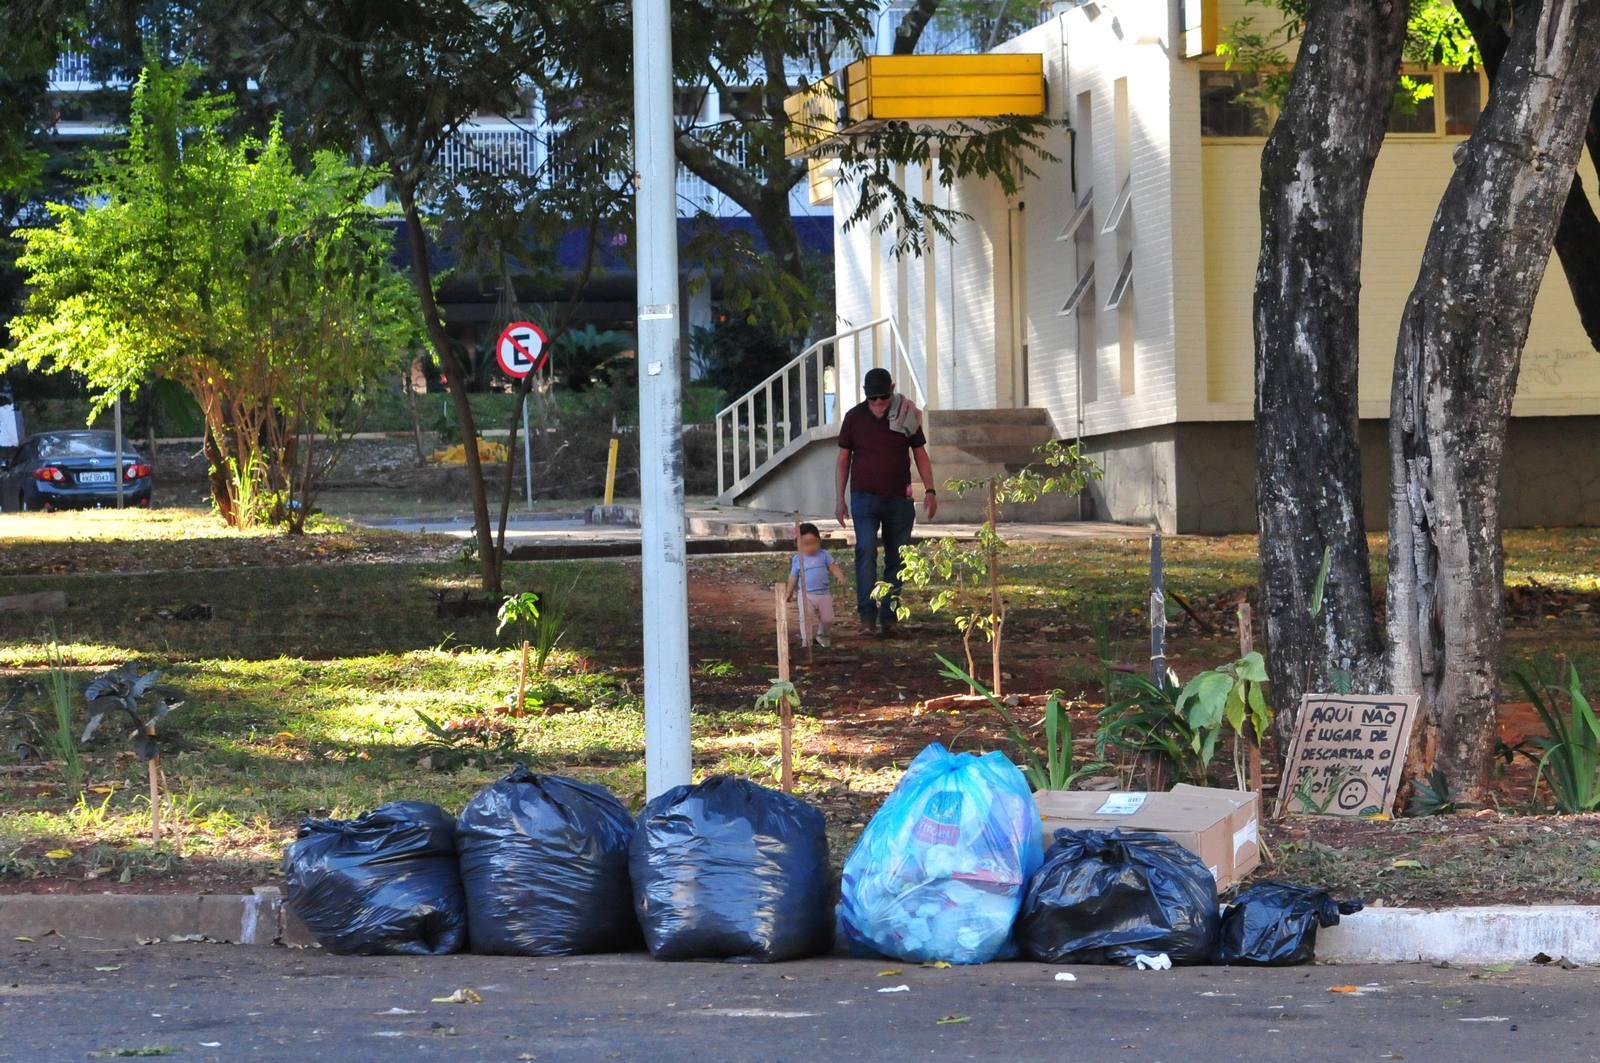 Assosindicos contra o descarte errado de lixo - Foto: Vinícius Melo / Agência Brasília